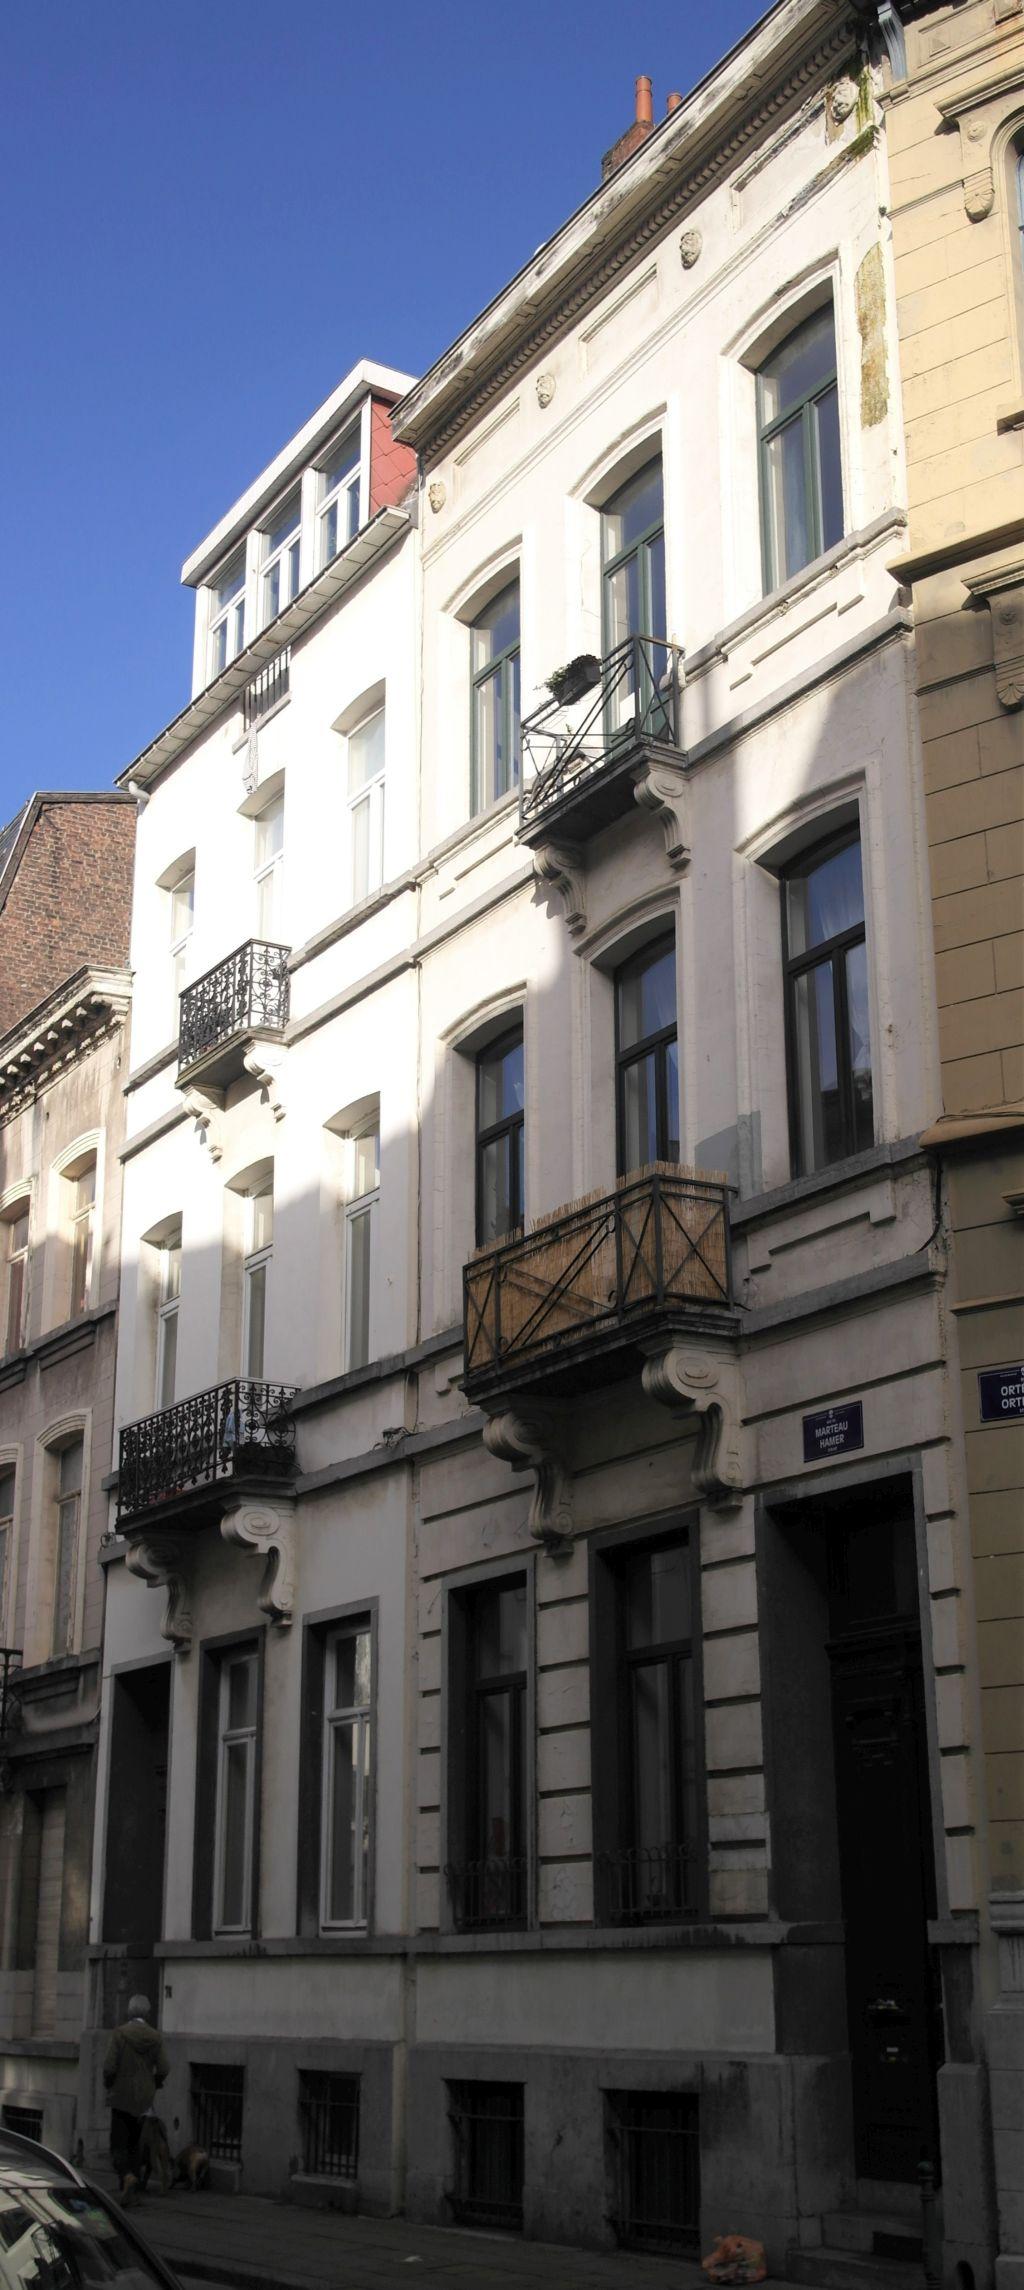 Rue du Marteau 76, 78, 2020